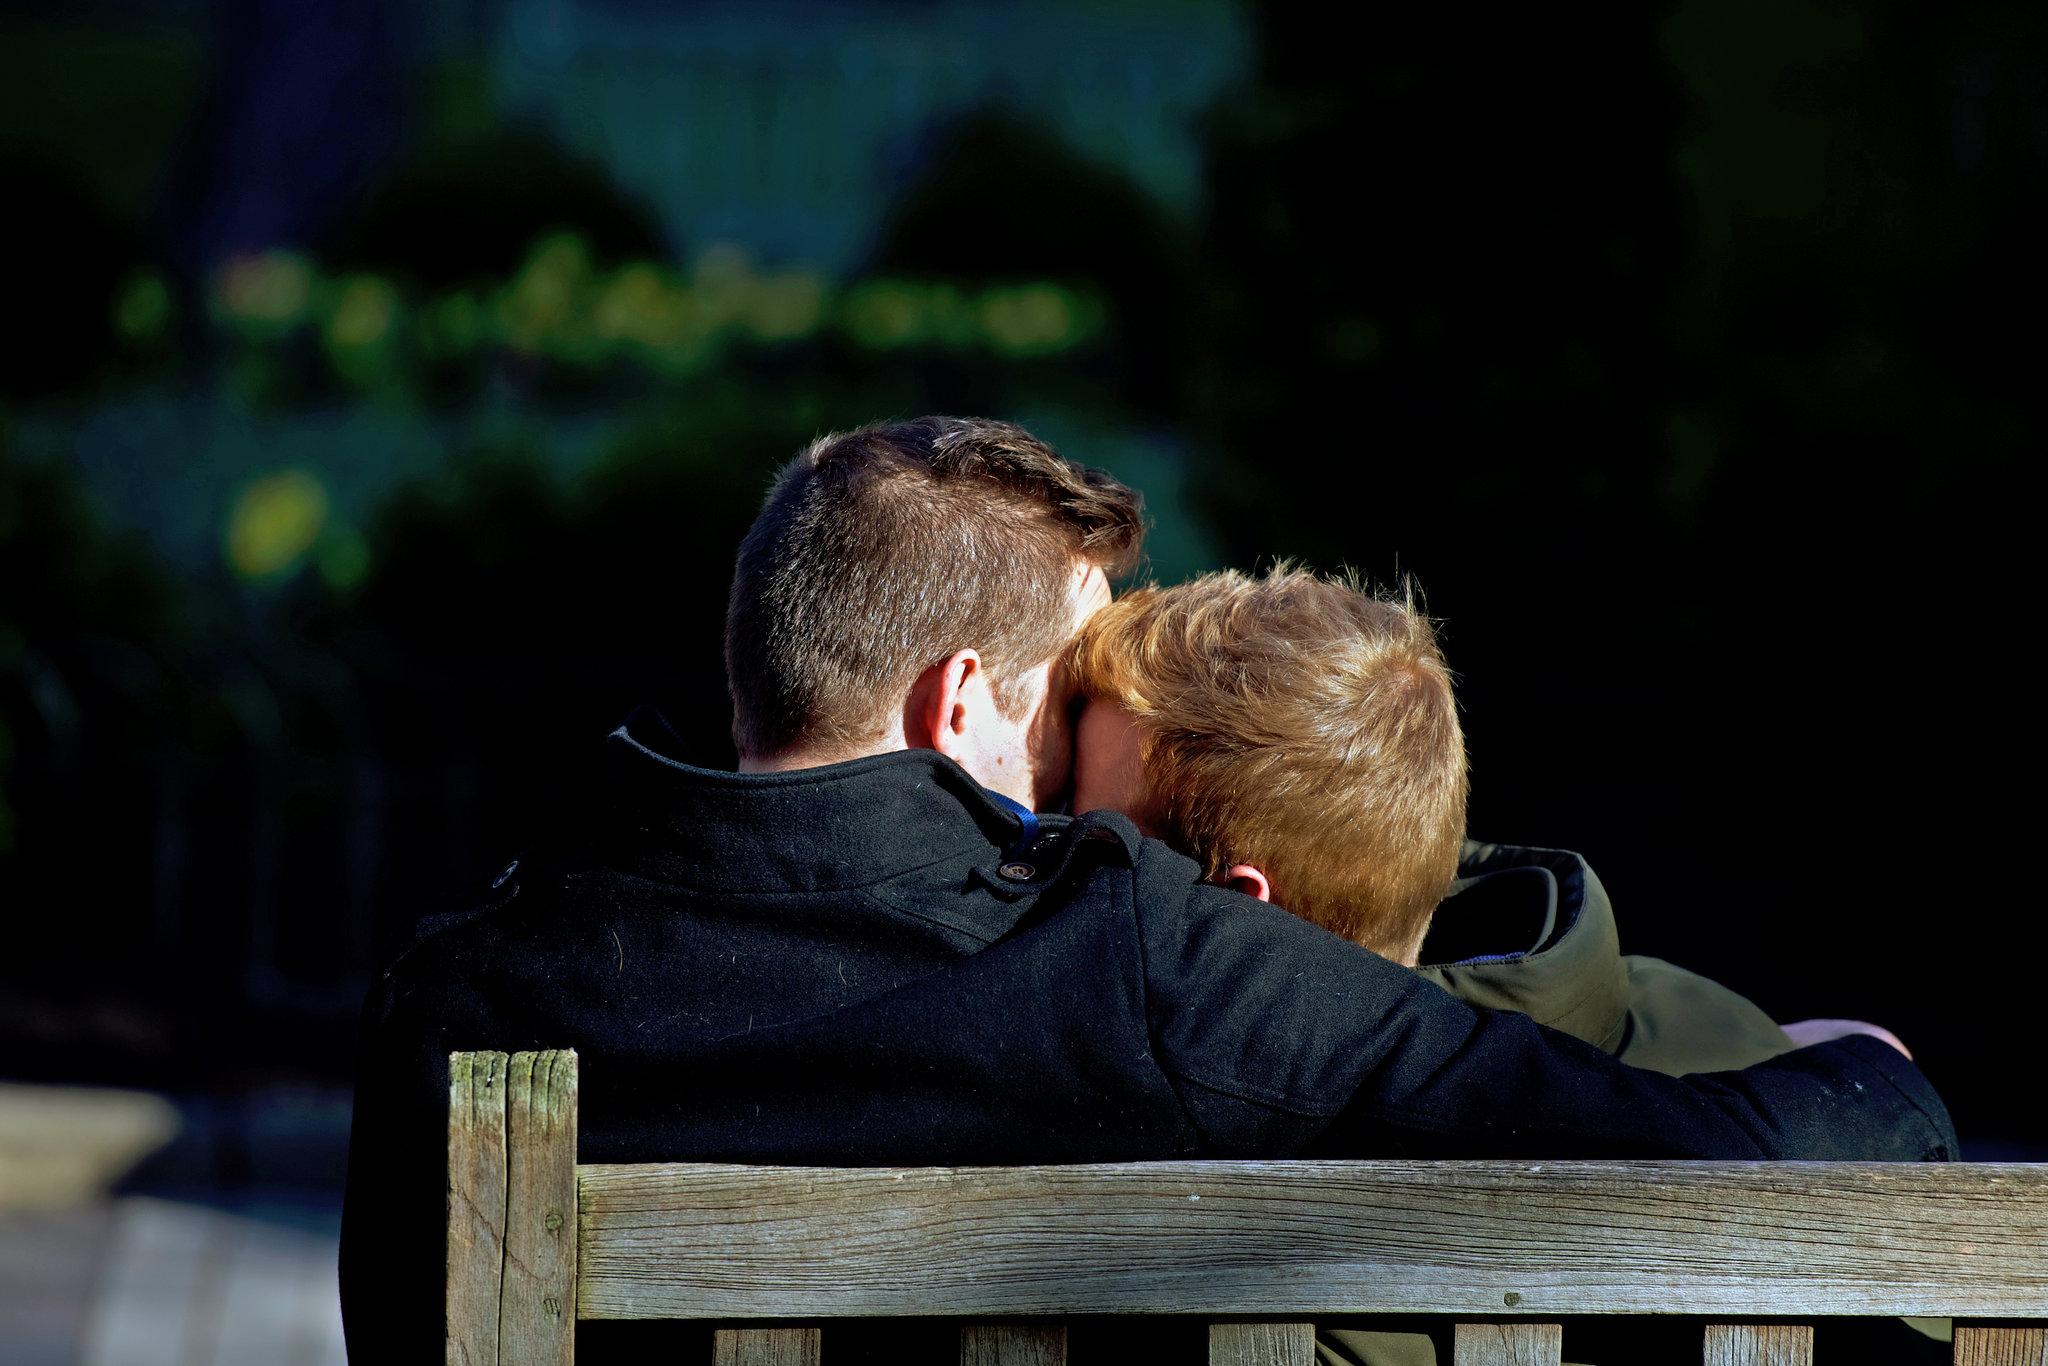 Personas bisexuales son más propensas a sufrir trastornos mentales, según estudio